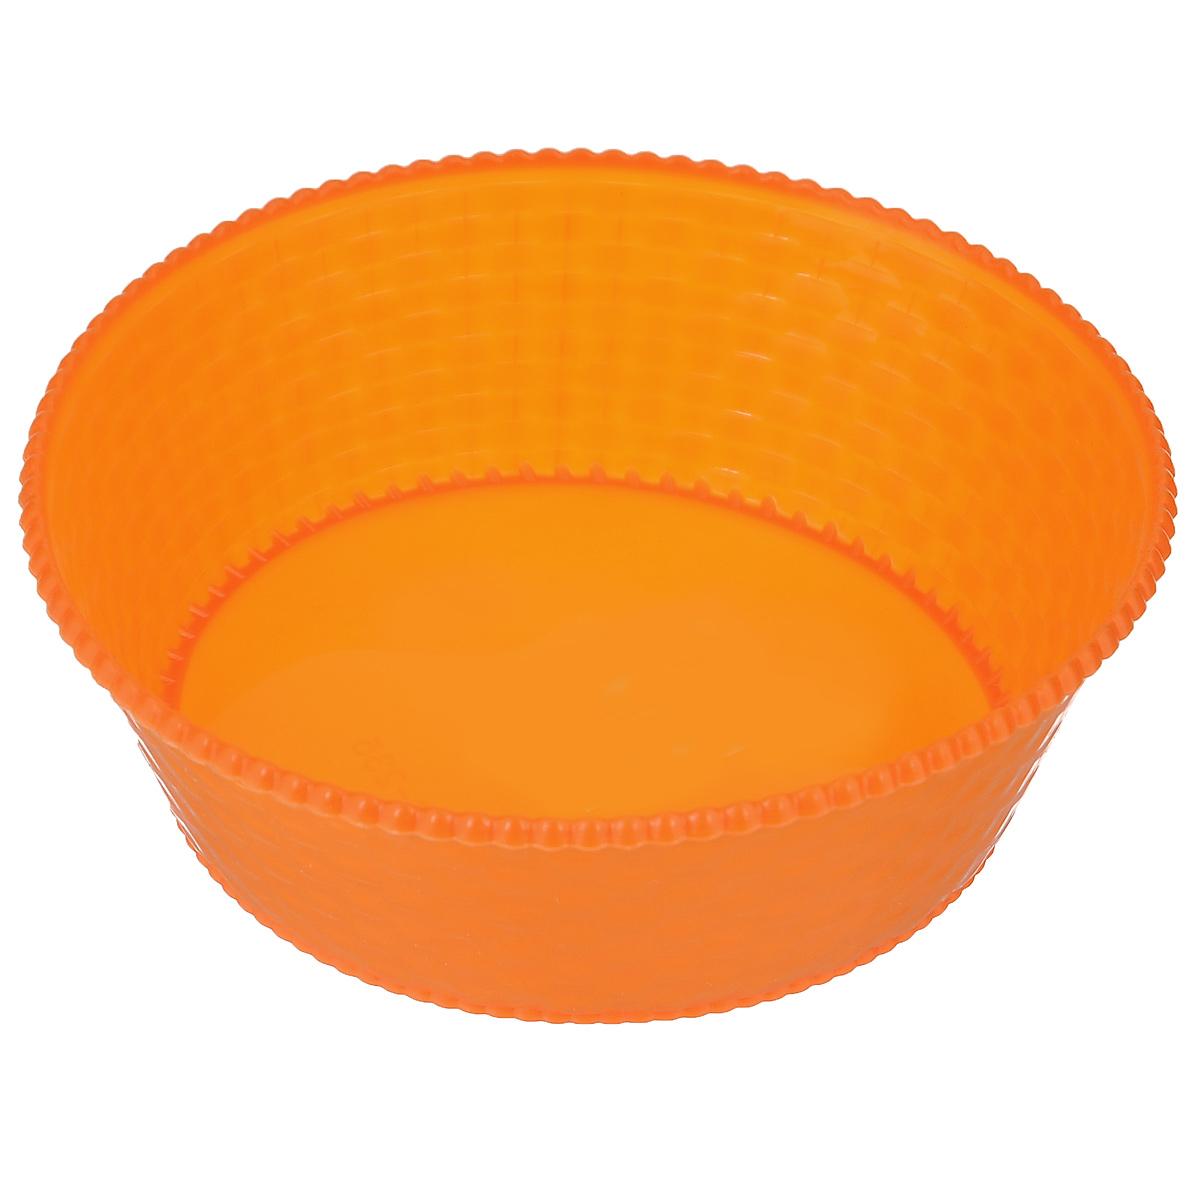 Корзинка для мелочей Sima-land, цвет: оранжевый, диаметр 15 см25051 7_желтыйКруглая корзинка Sima-land, изготовленная из пластика, предназначена для хранения мелочей в ванной, на кухне, на даче. Легкая компактная корзина позволяет хранить мелкие вещи, исключая возможность их потери. Диаметр корзины: 15 см.Высота корзины: 4,5 см.